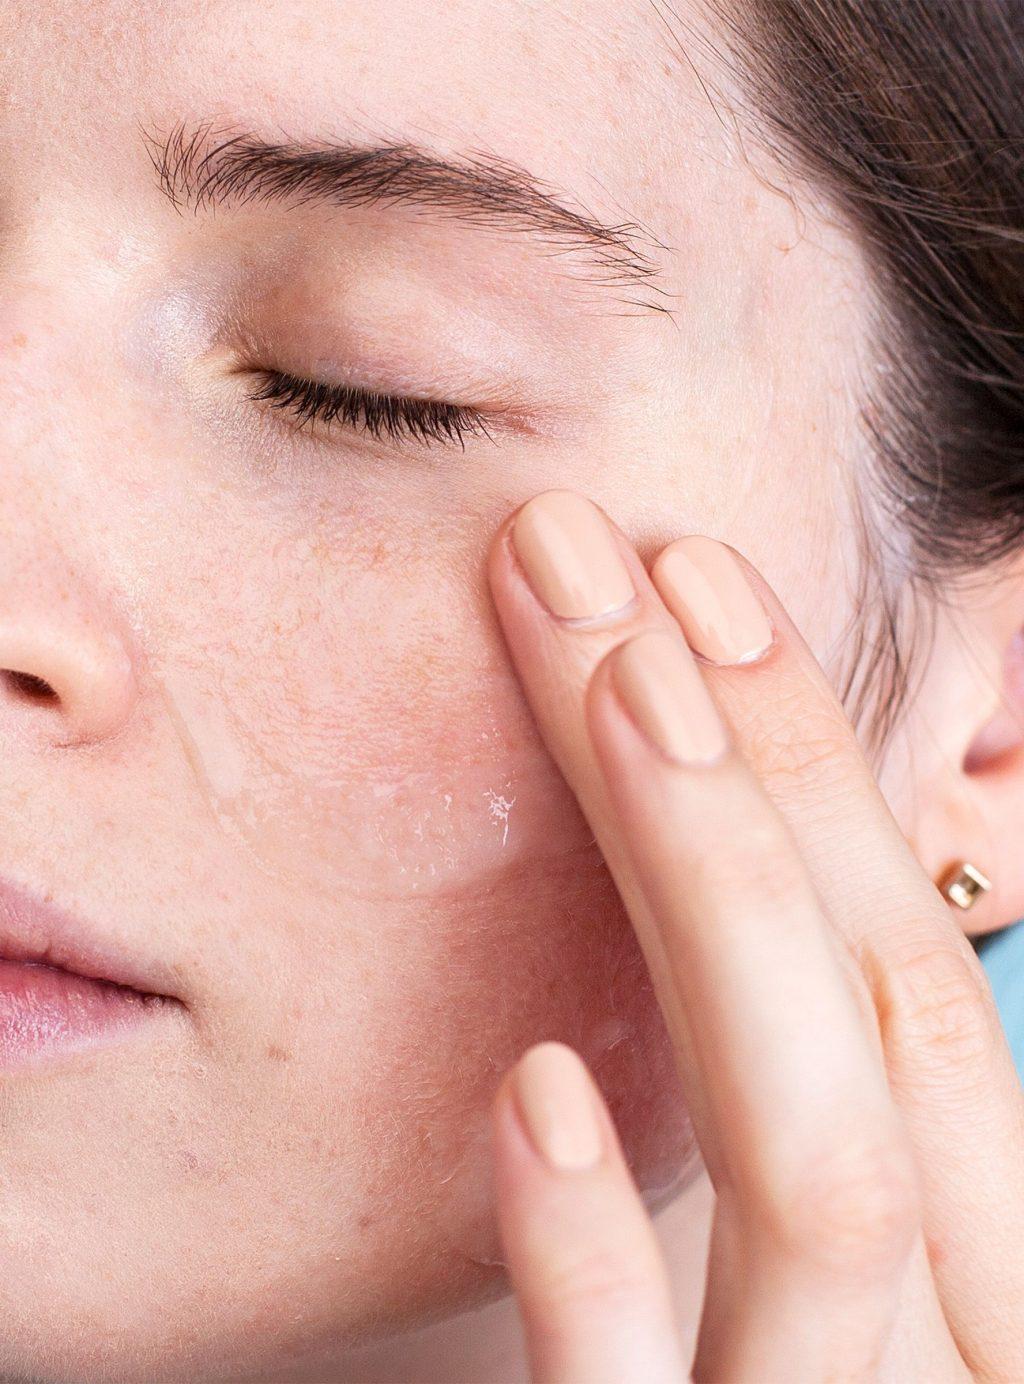 gel nha đam giúp hạn chế sự hình thành vết chân chim quanh mắt